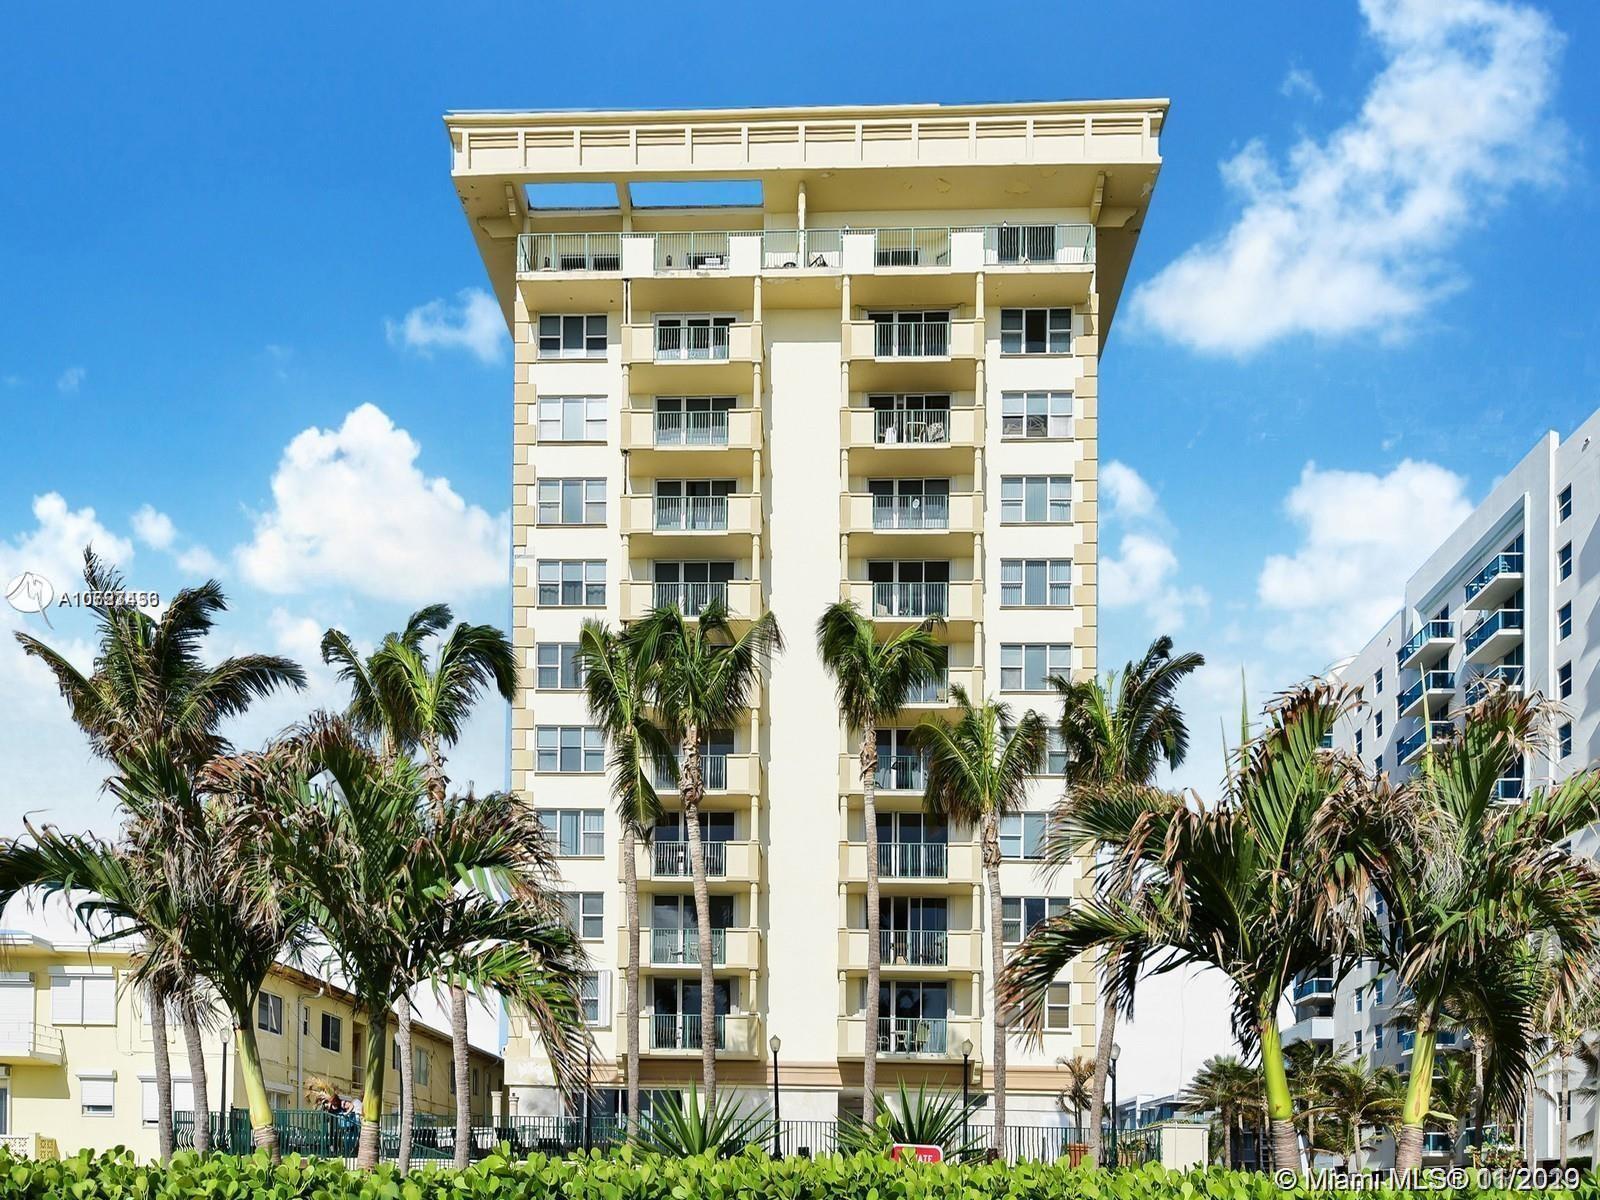 Carlisle on the Ocean #304 - 9195 Collins Ave. #304, Sunny Isles Beach, FL 3315